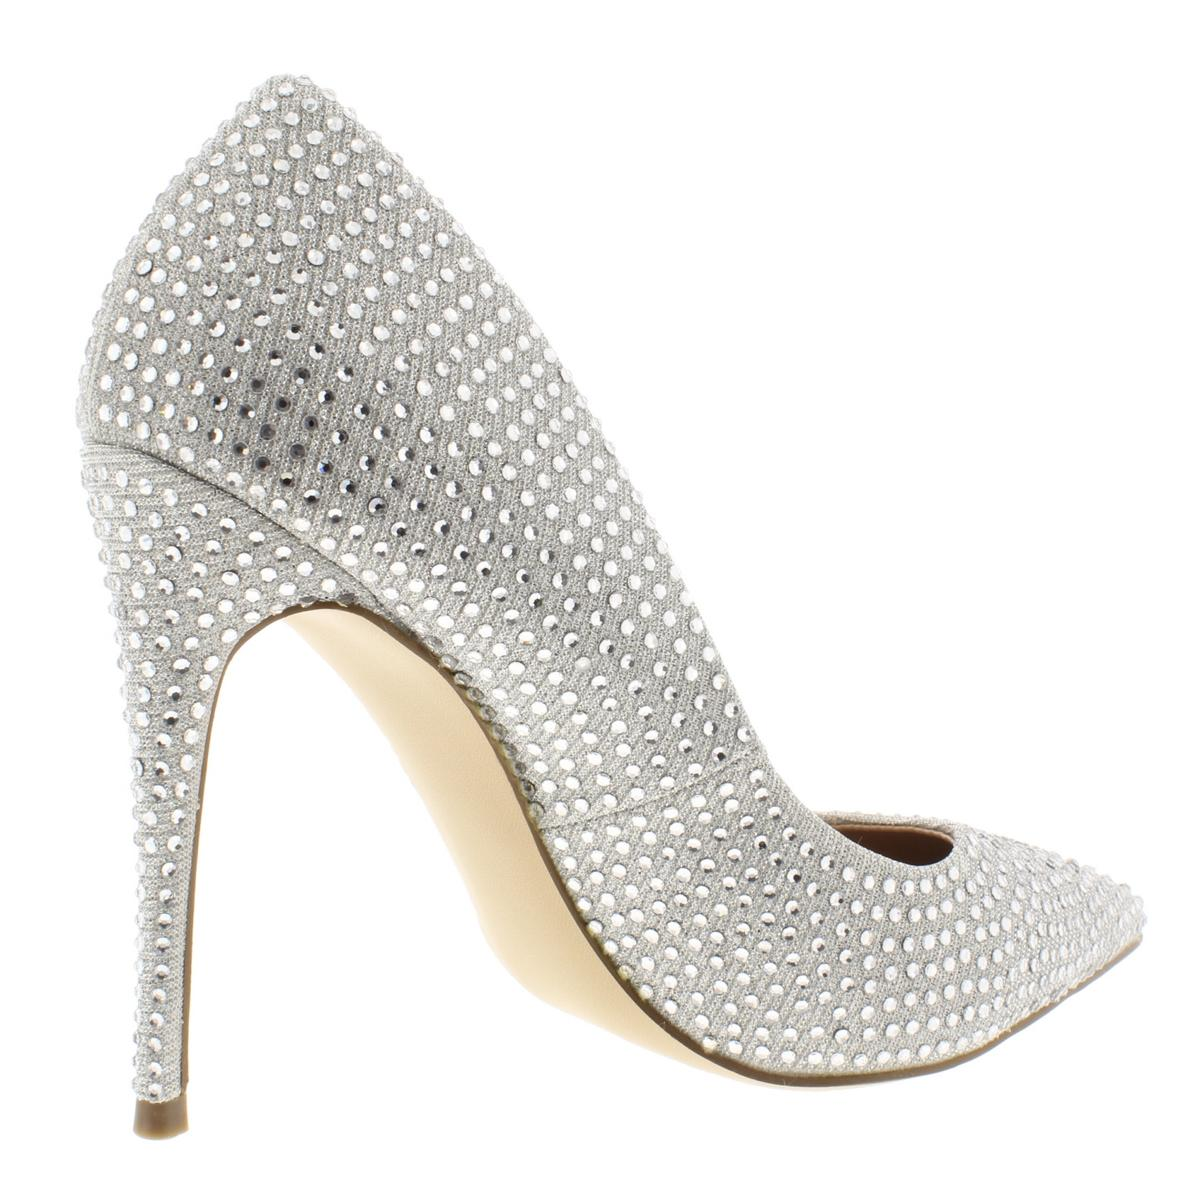 Steve-Madden-Womens-Daisie-Evening-Heels-Shoes-BHFO-4616 thumbnail 18